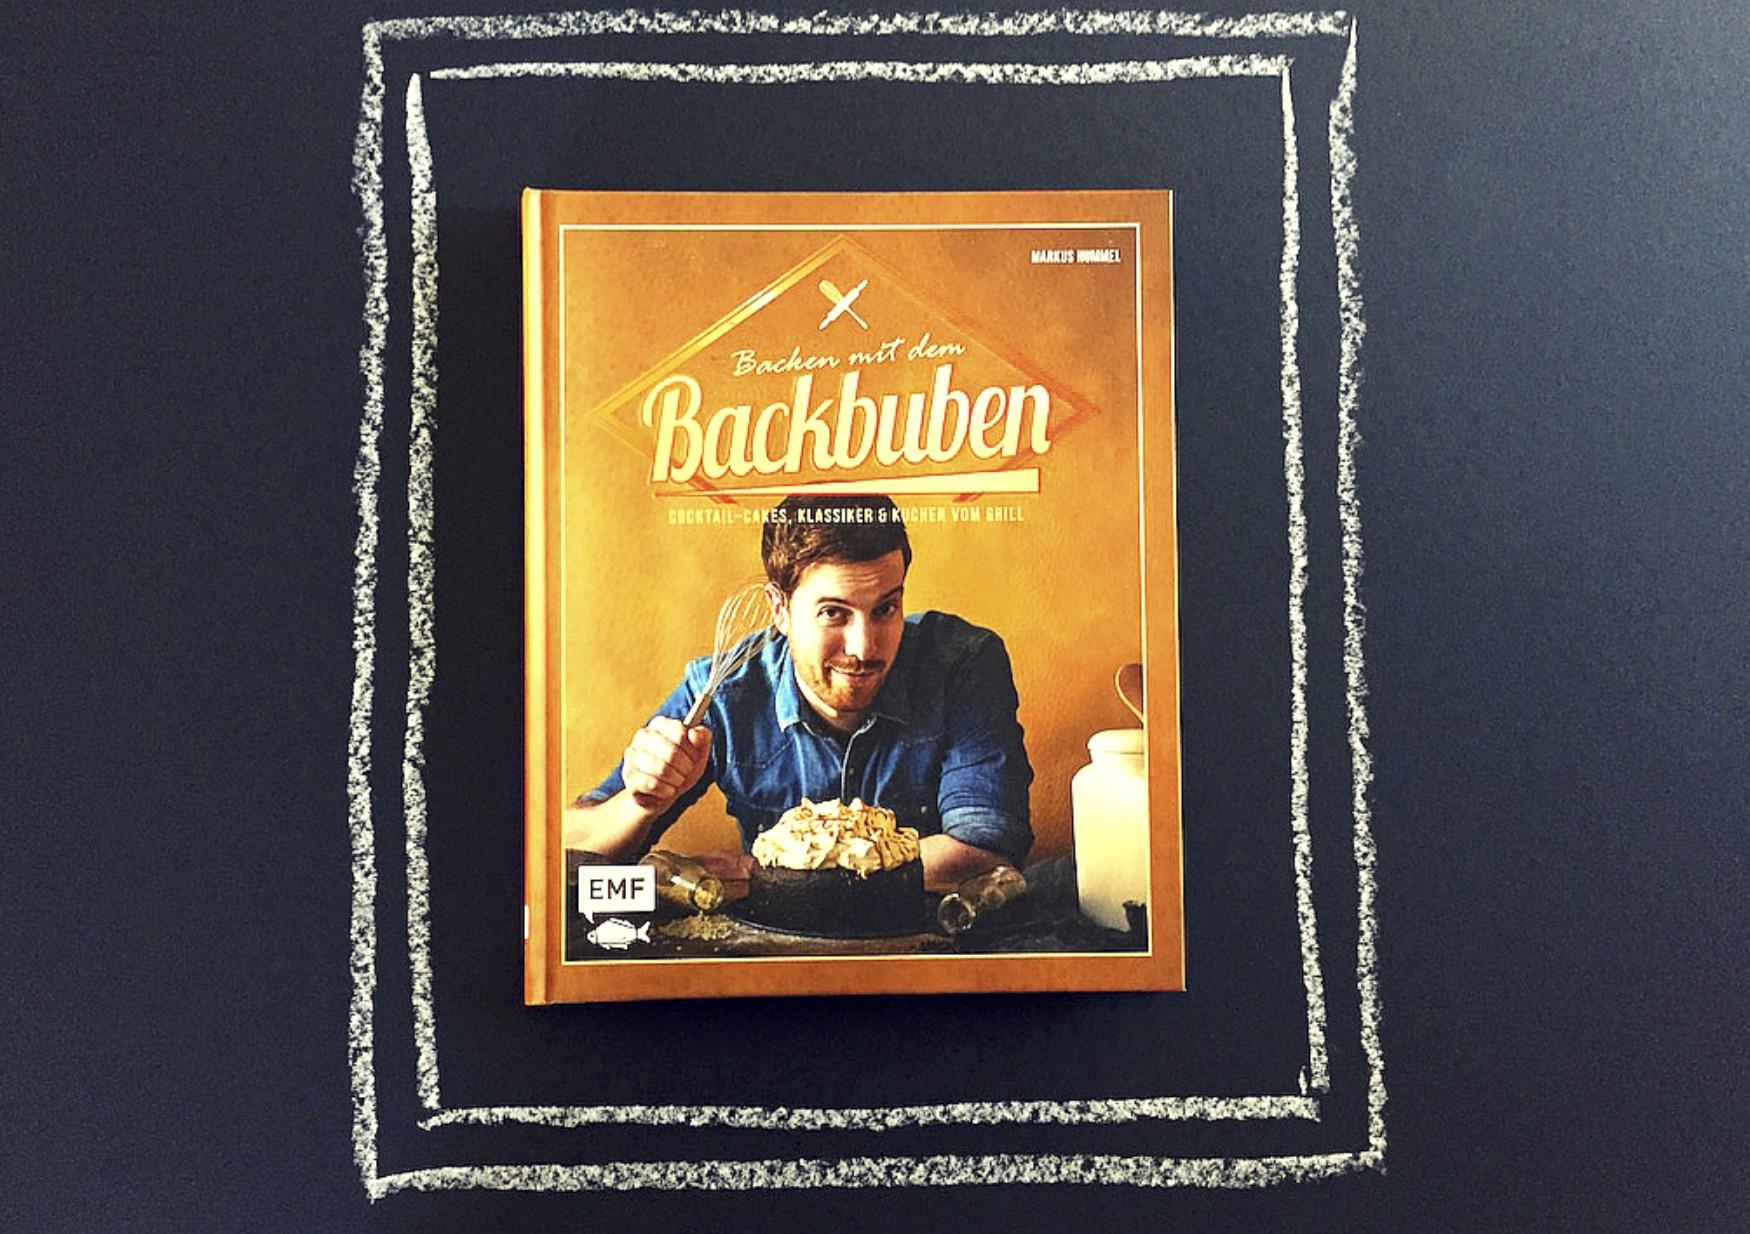 Backen mit dem Backbuben Verlag EMF www.meinesvenja.de